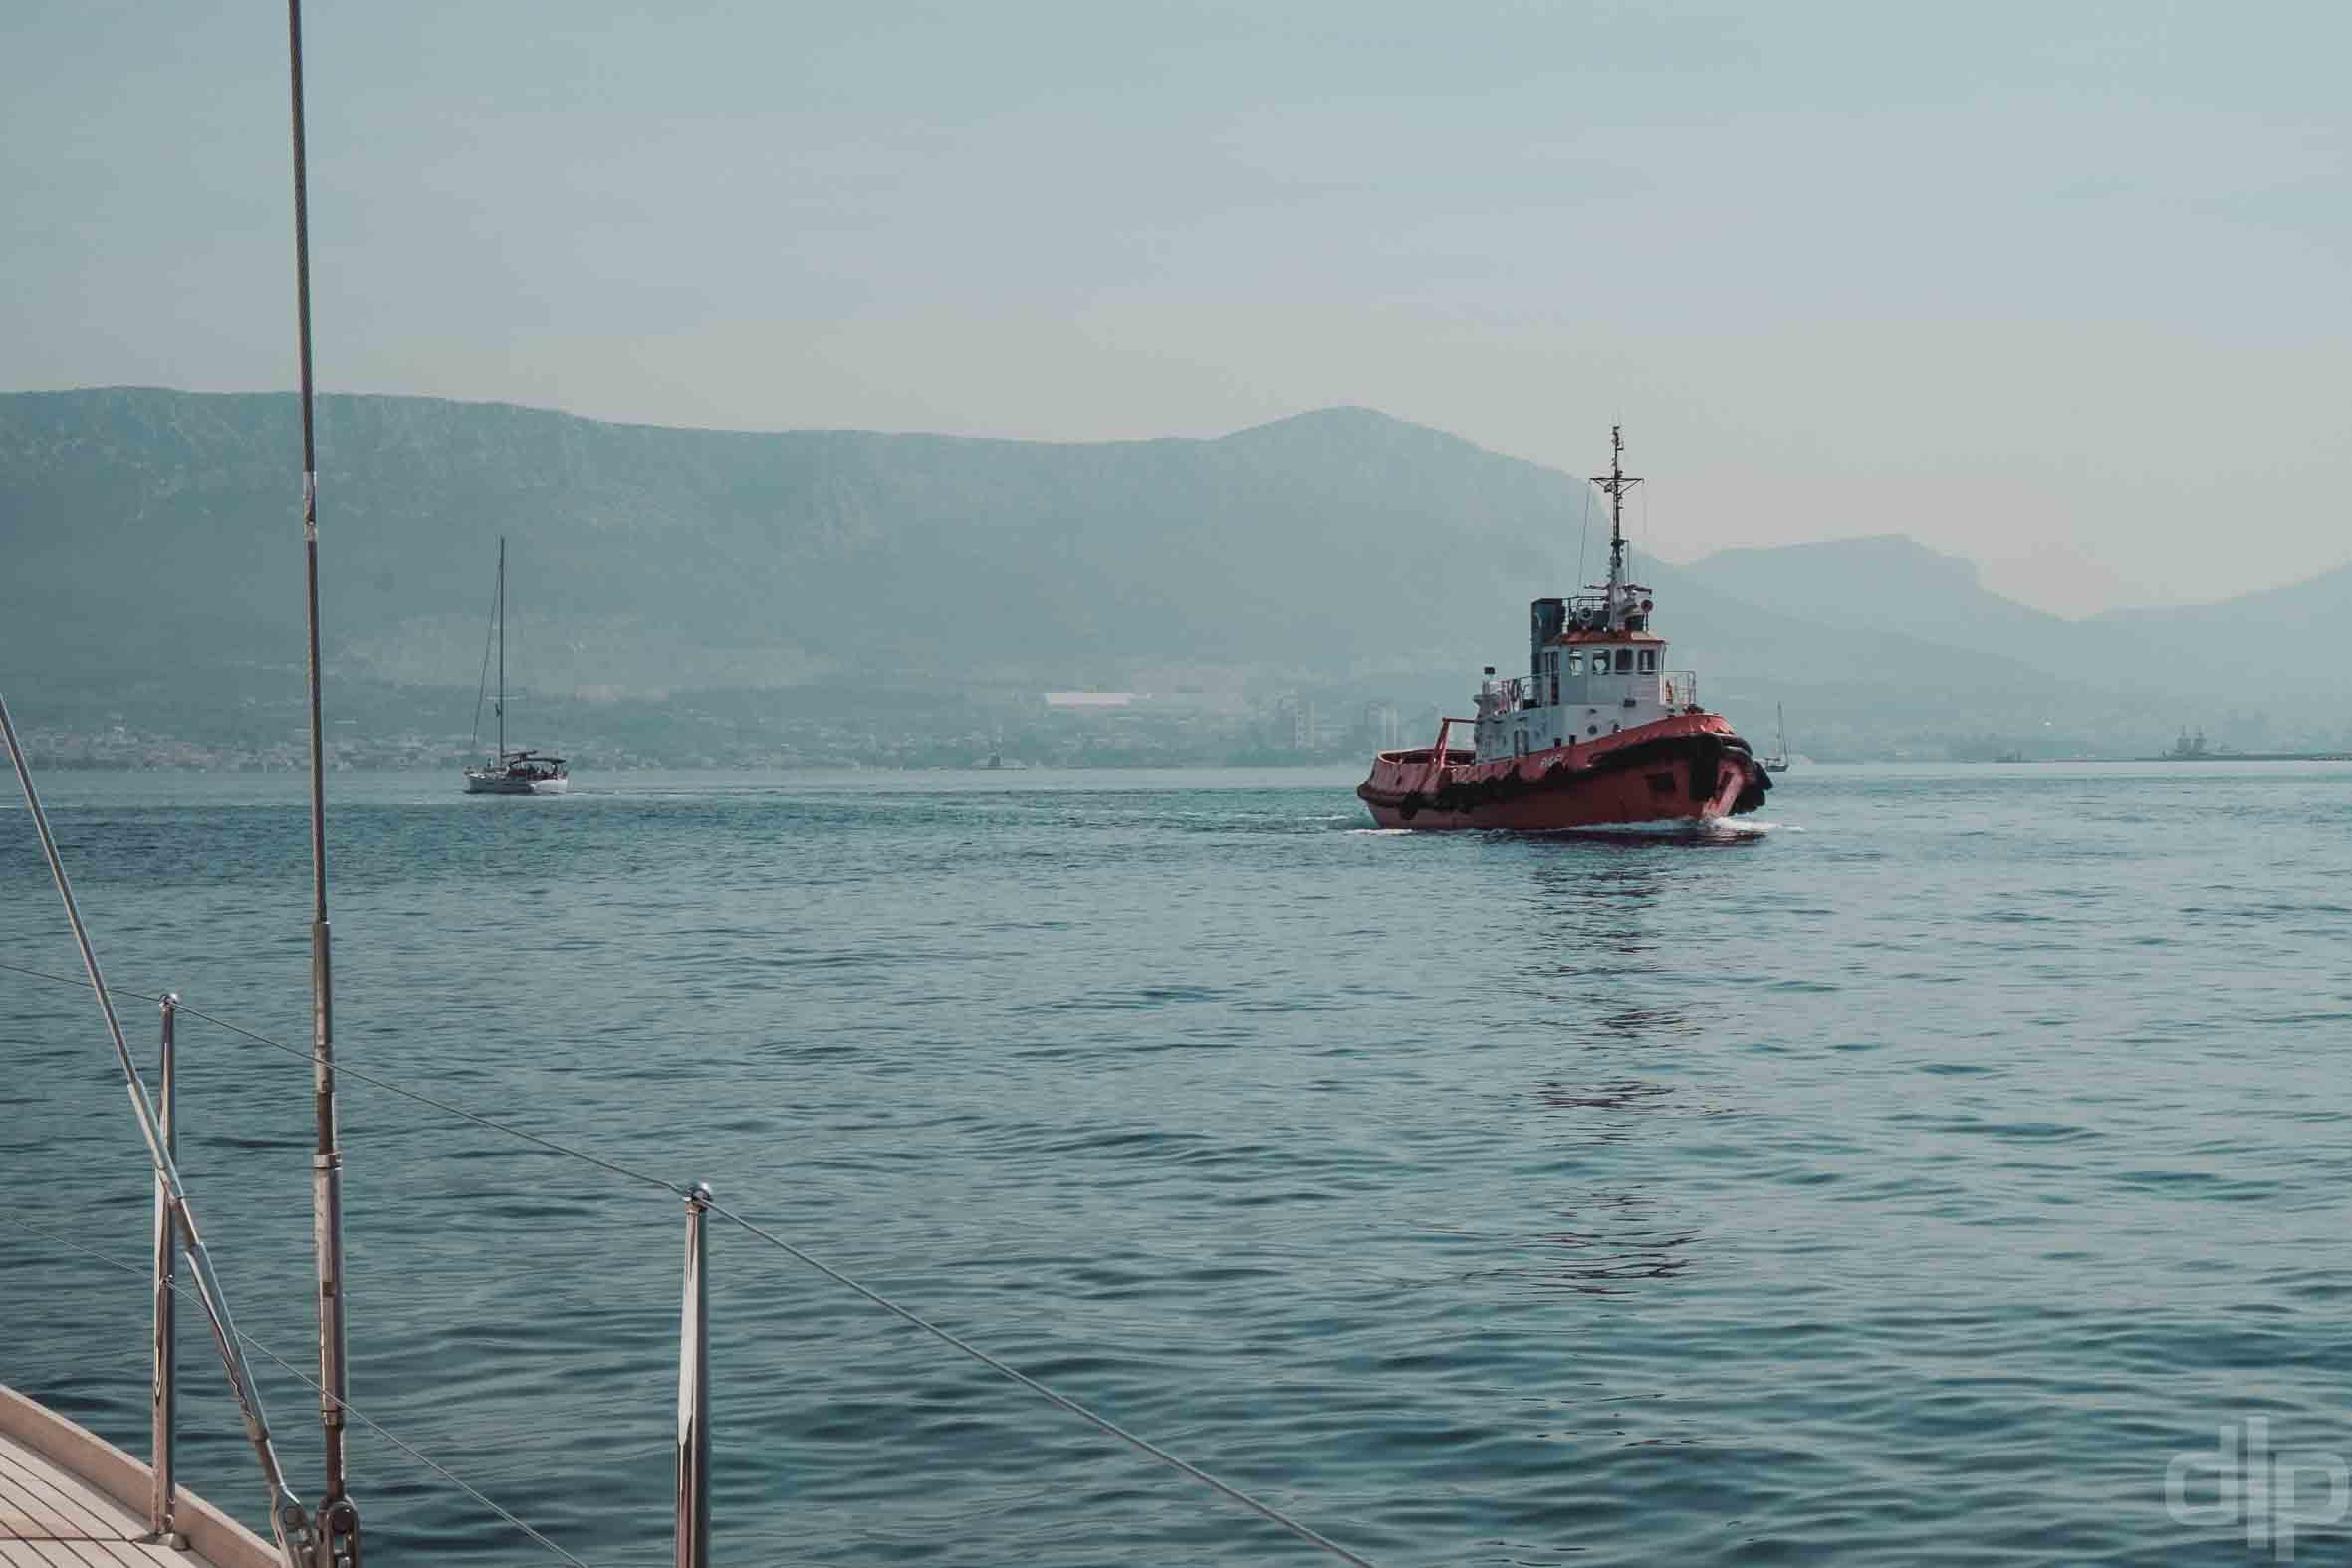 корабль рядом со сплитом хорватия